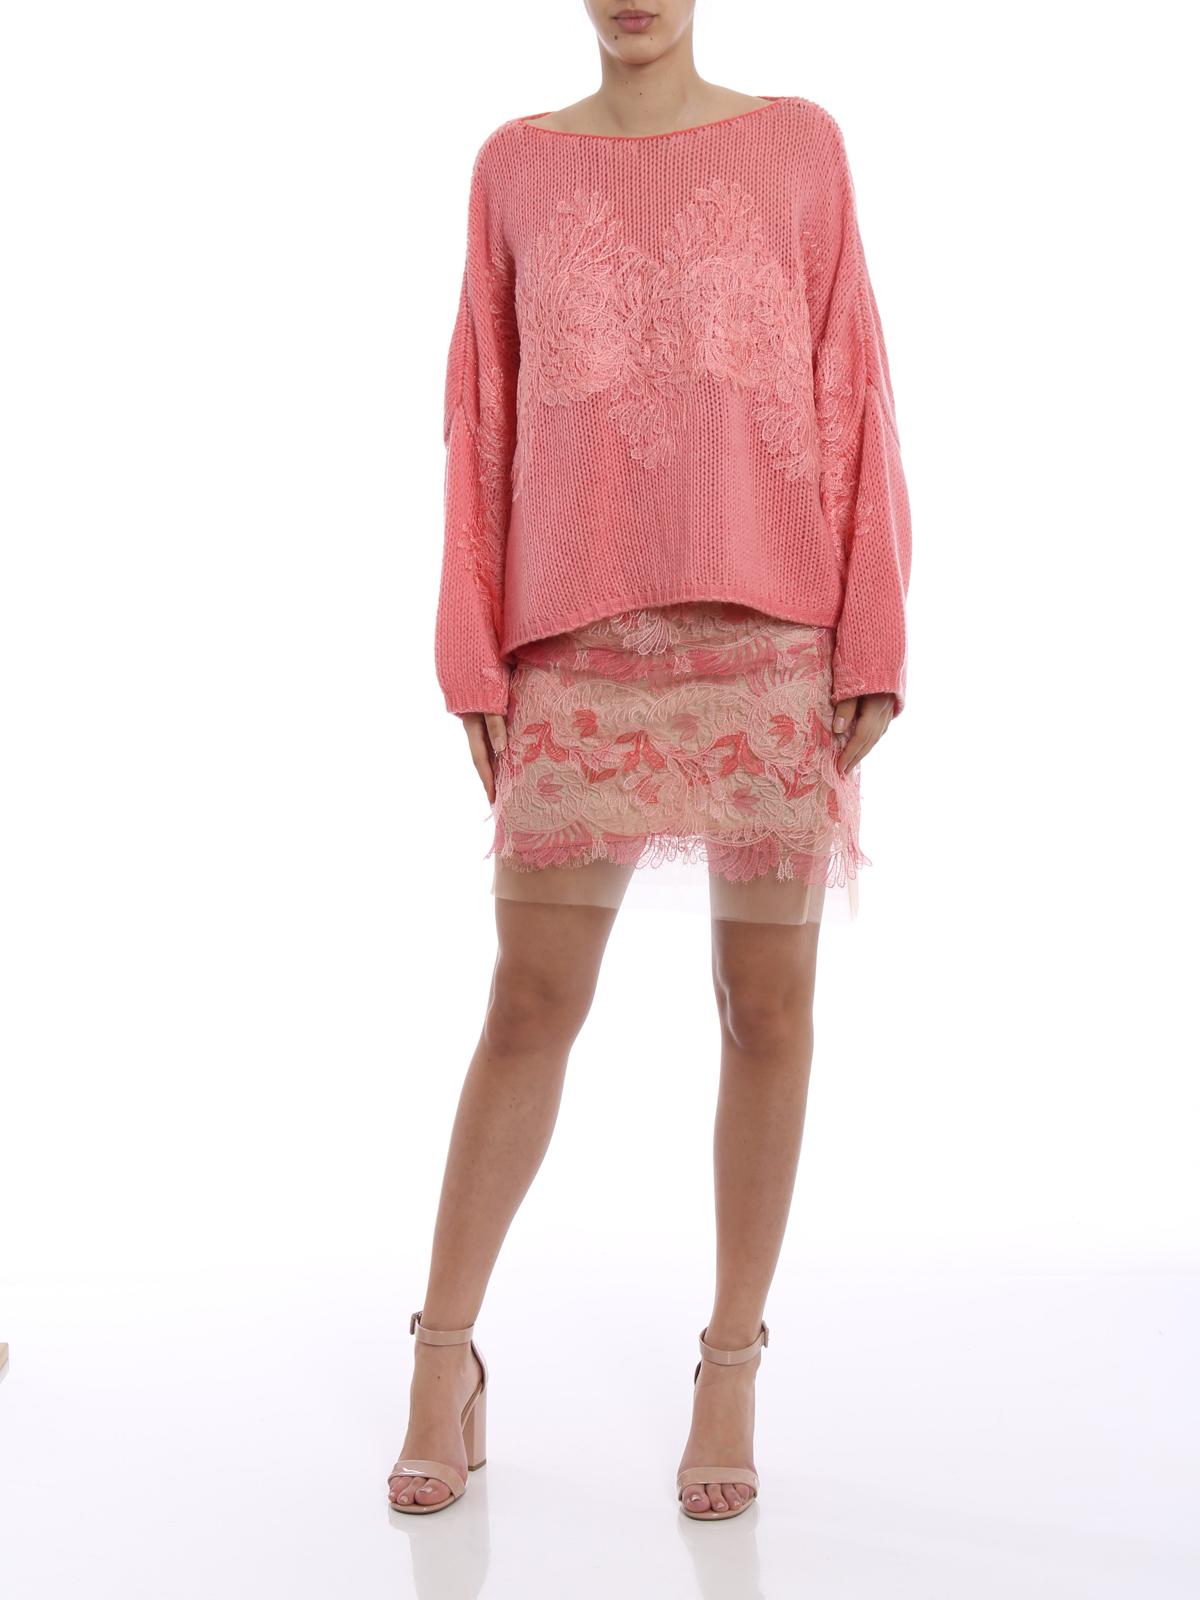 Mesh mini skirts online Ermanno Scervino Floral Flounce Mesh Mini Skirt Mini Skirts D322o721agwd3281